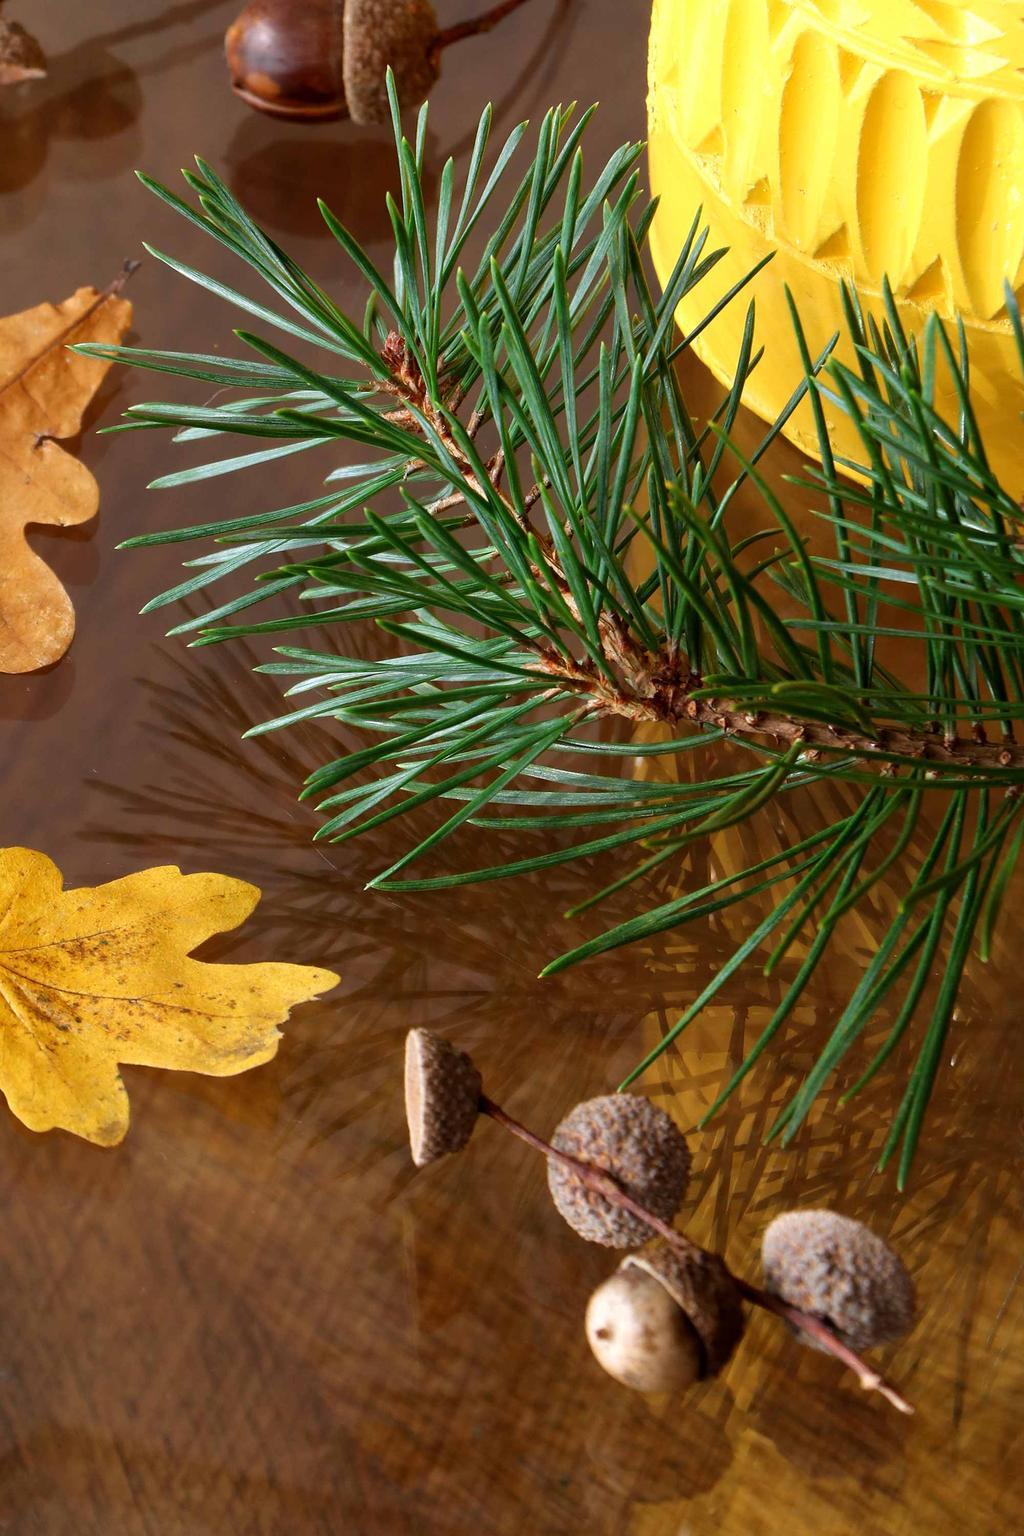 Herfstbladeren en dennen